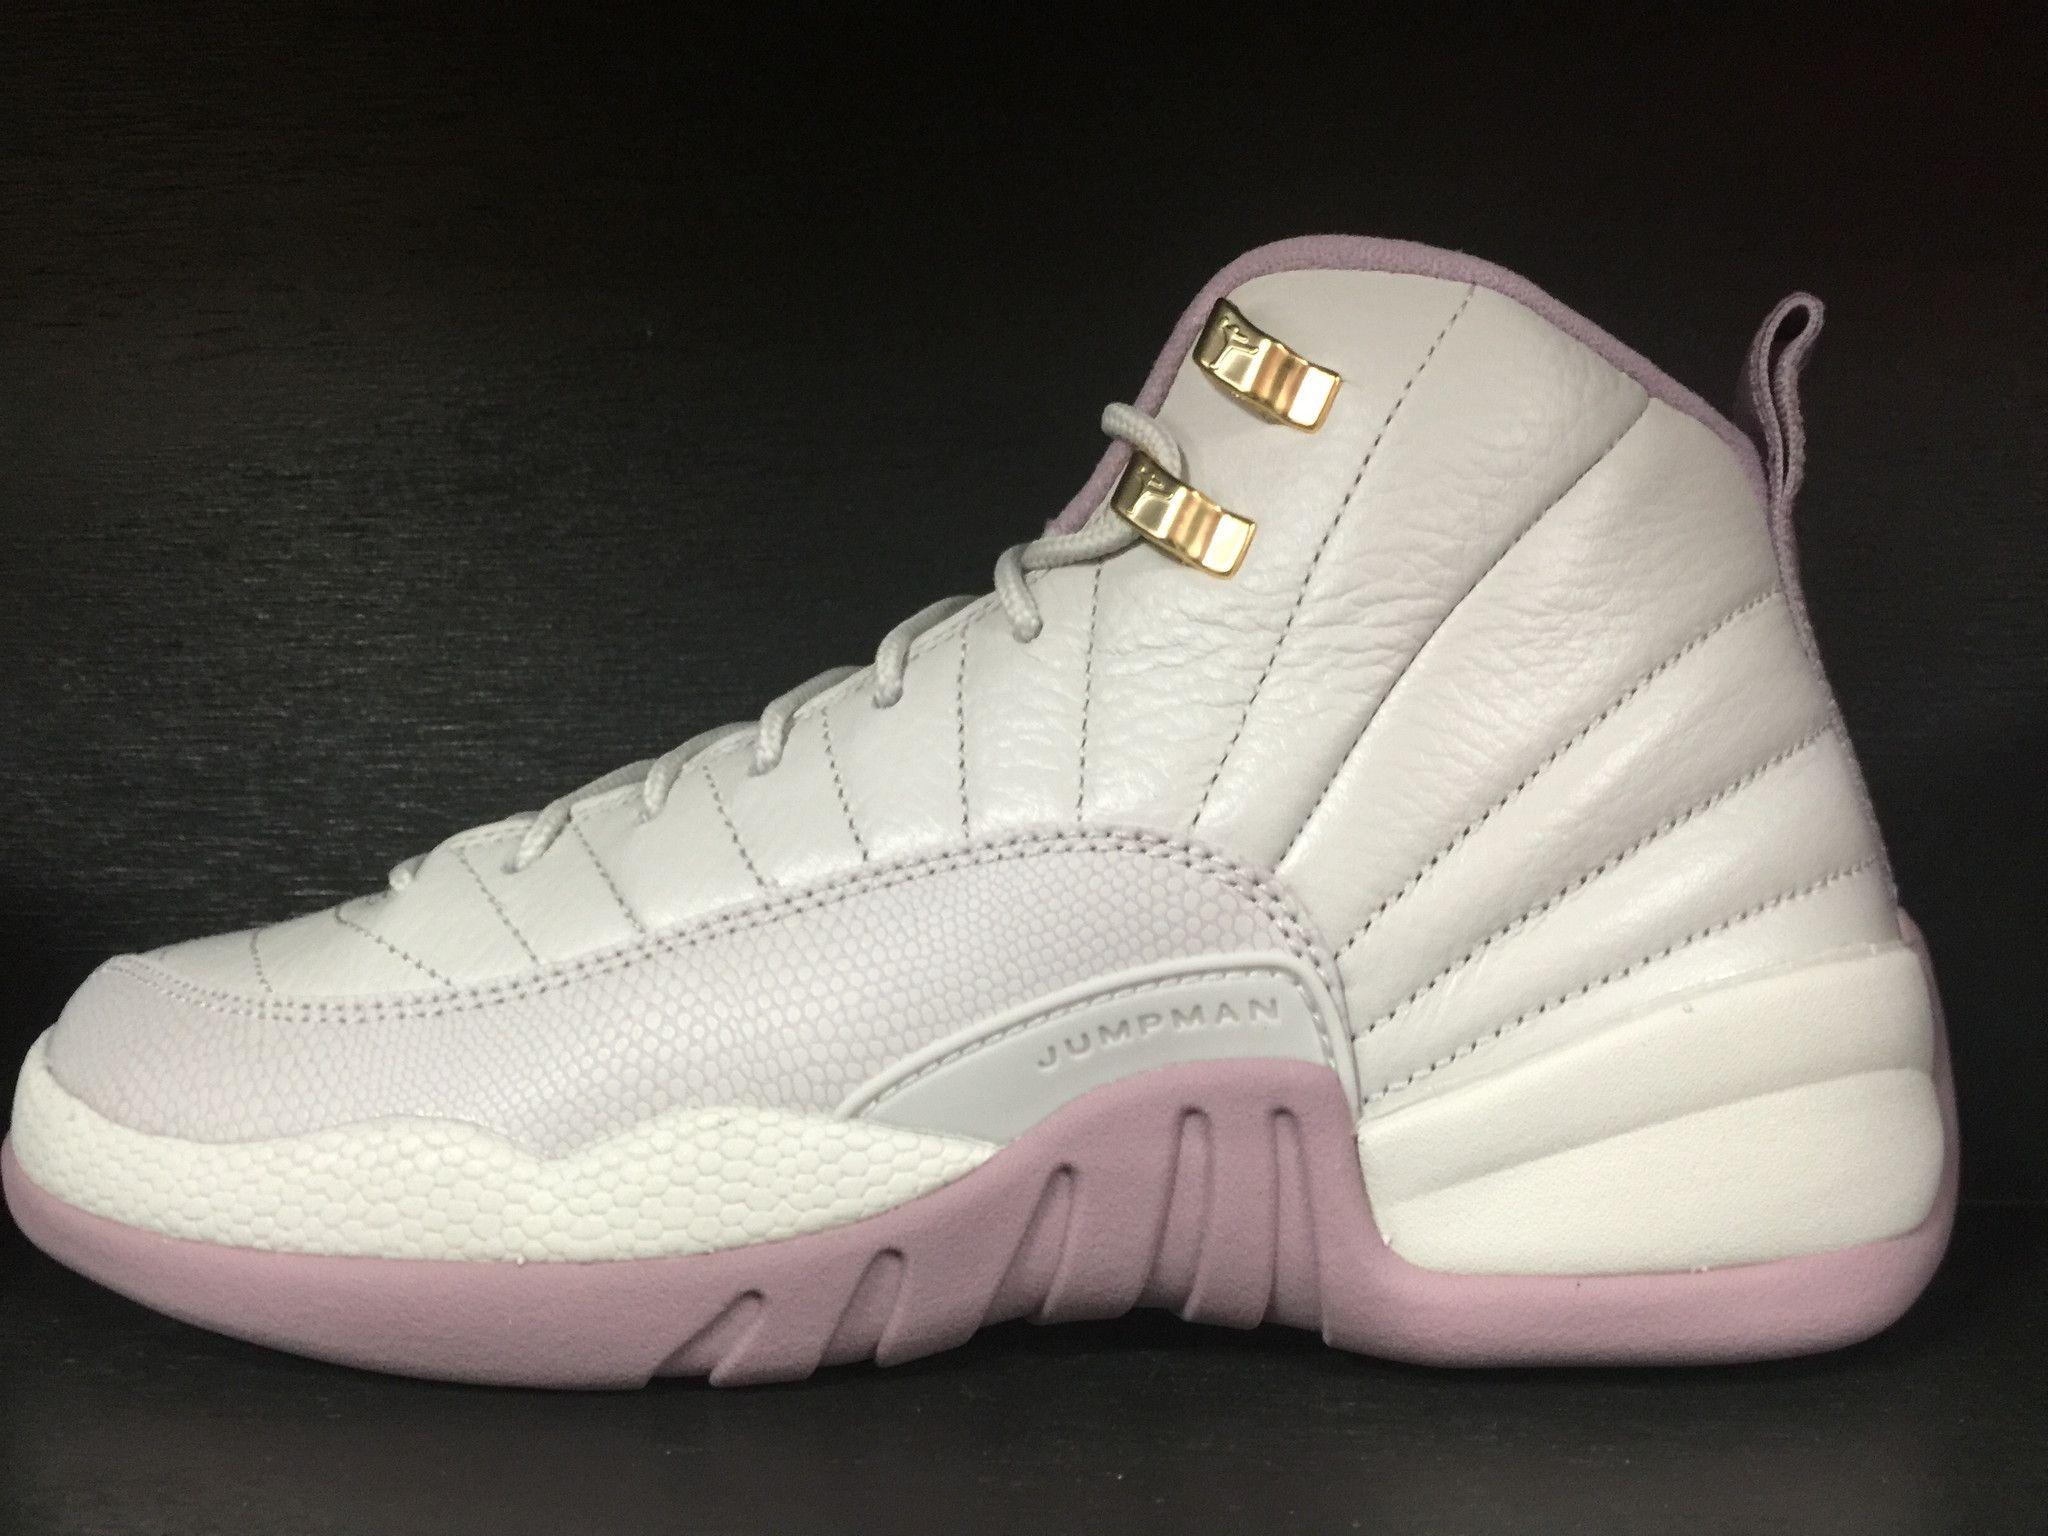 8ab8aa0072e Air Jordan 12 Retro 'Heiress' 'Plum' | wardrobe | Jordans, Air ...